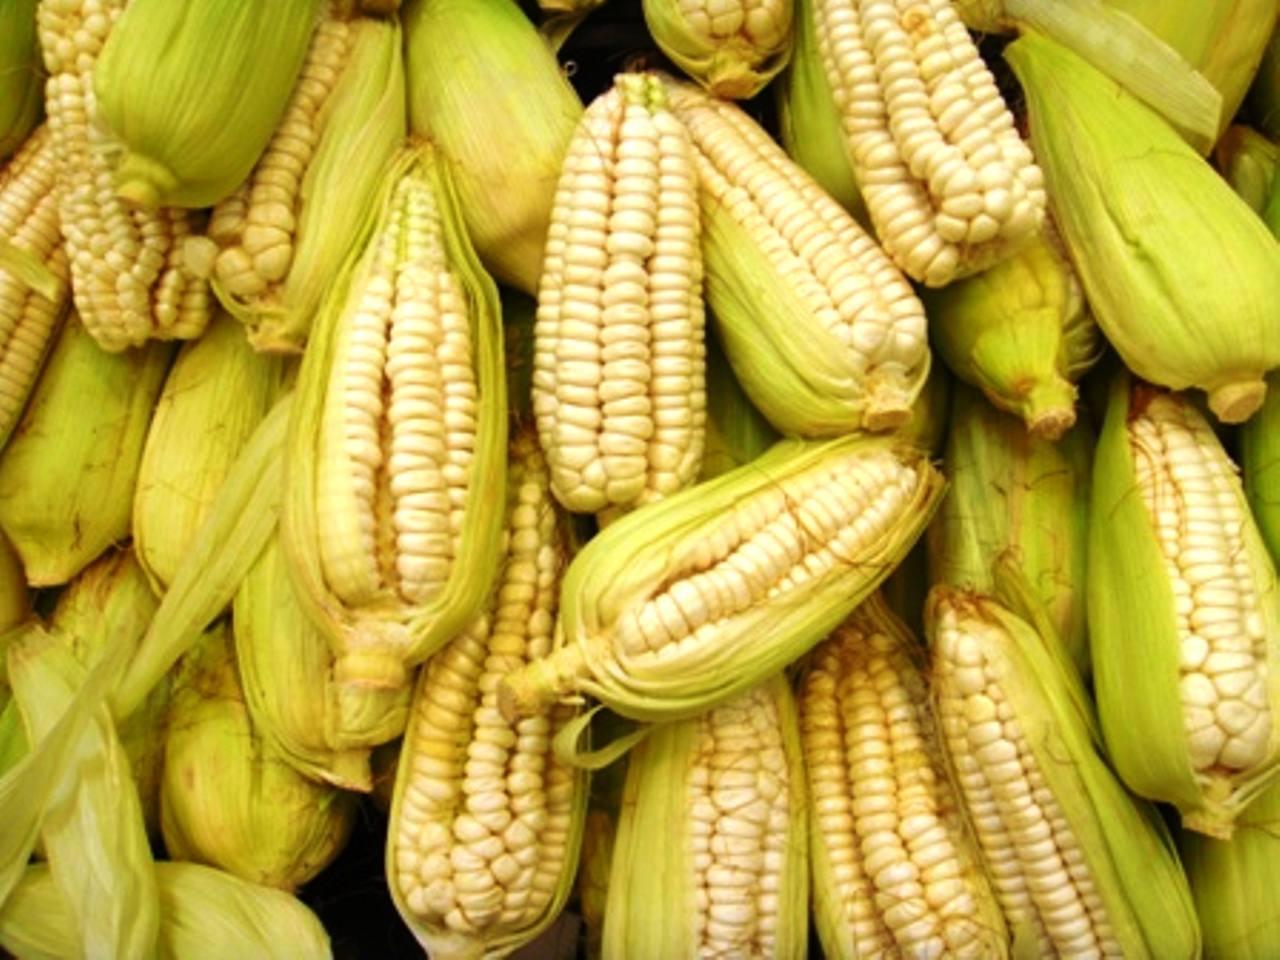 choclo (maíz tierno)